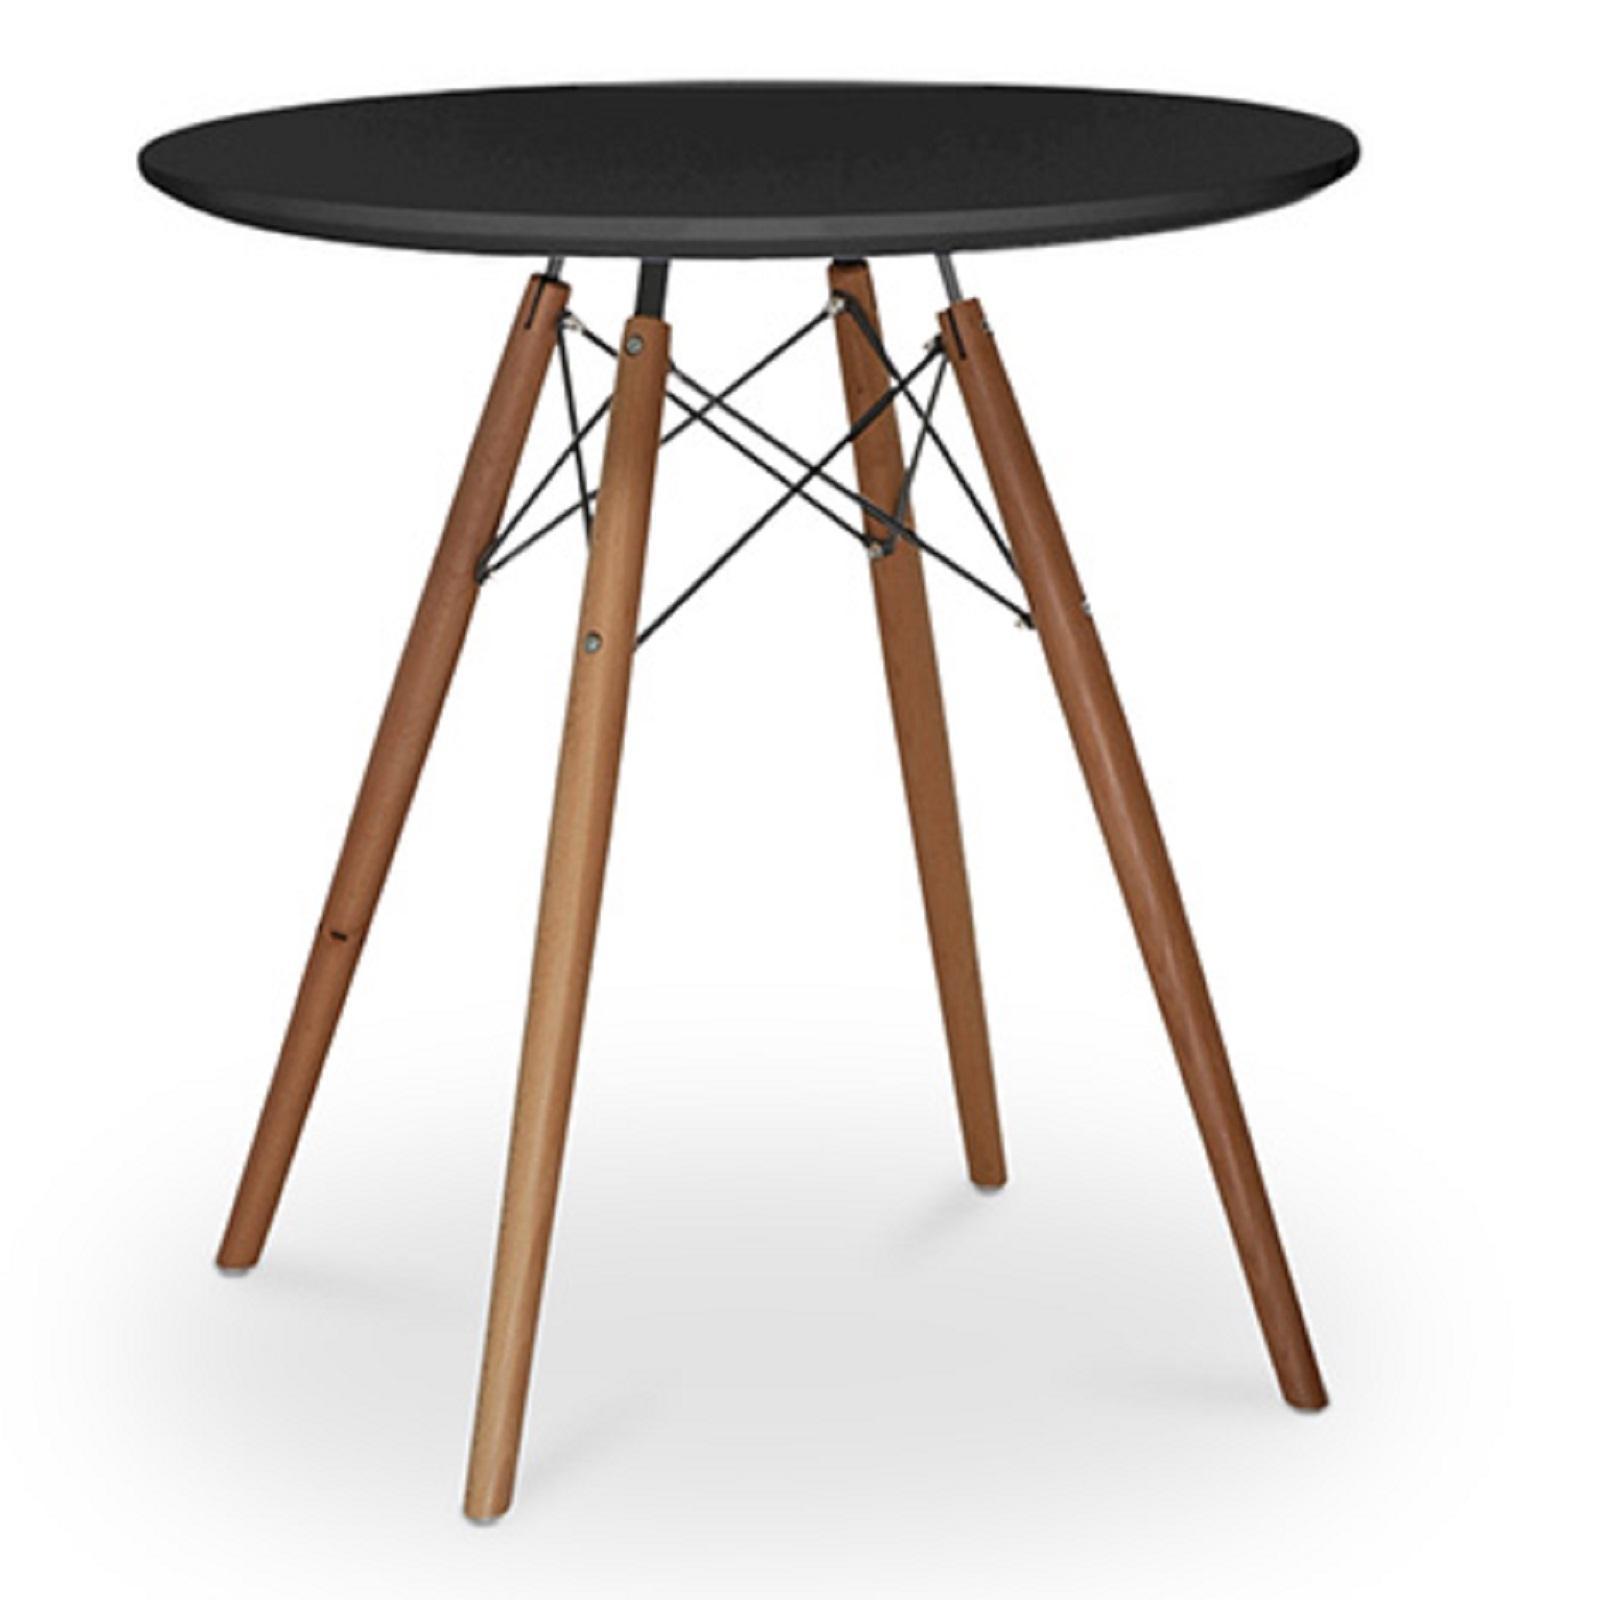 table ronde noire pieds bois fonc 70 bristol. Black Bedroom Furniture Sets. Home Design Ideas